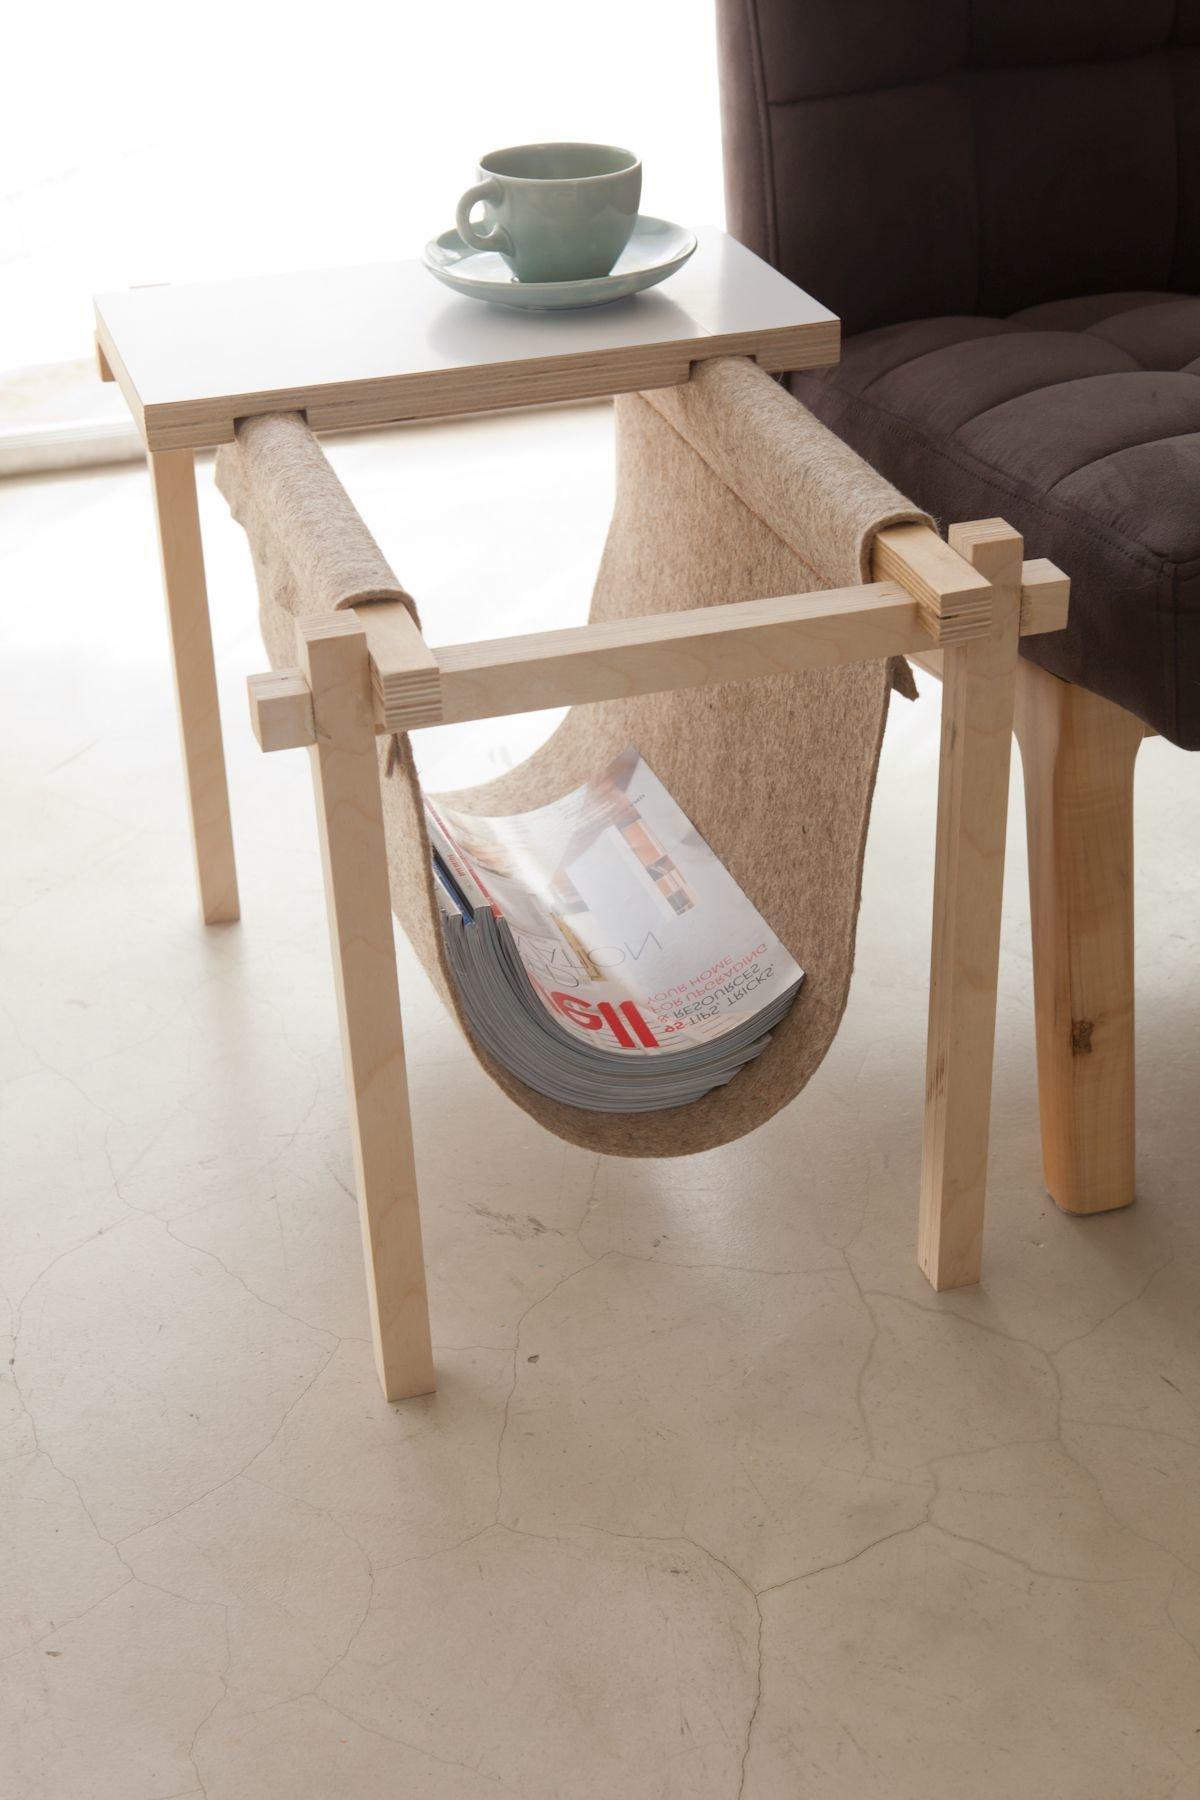 beistelltisch mit zeitungsst nder ein muss f r jedes wohnzimmer innendesign wohnzimmer. Black Bedroom Furniture Sets. Home Design Ideas